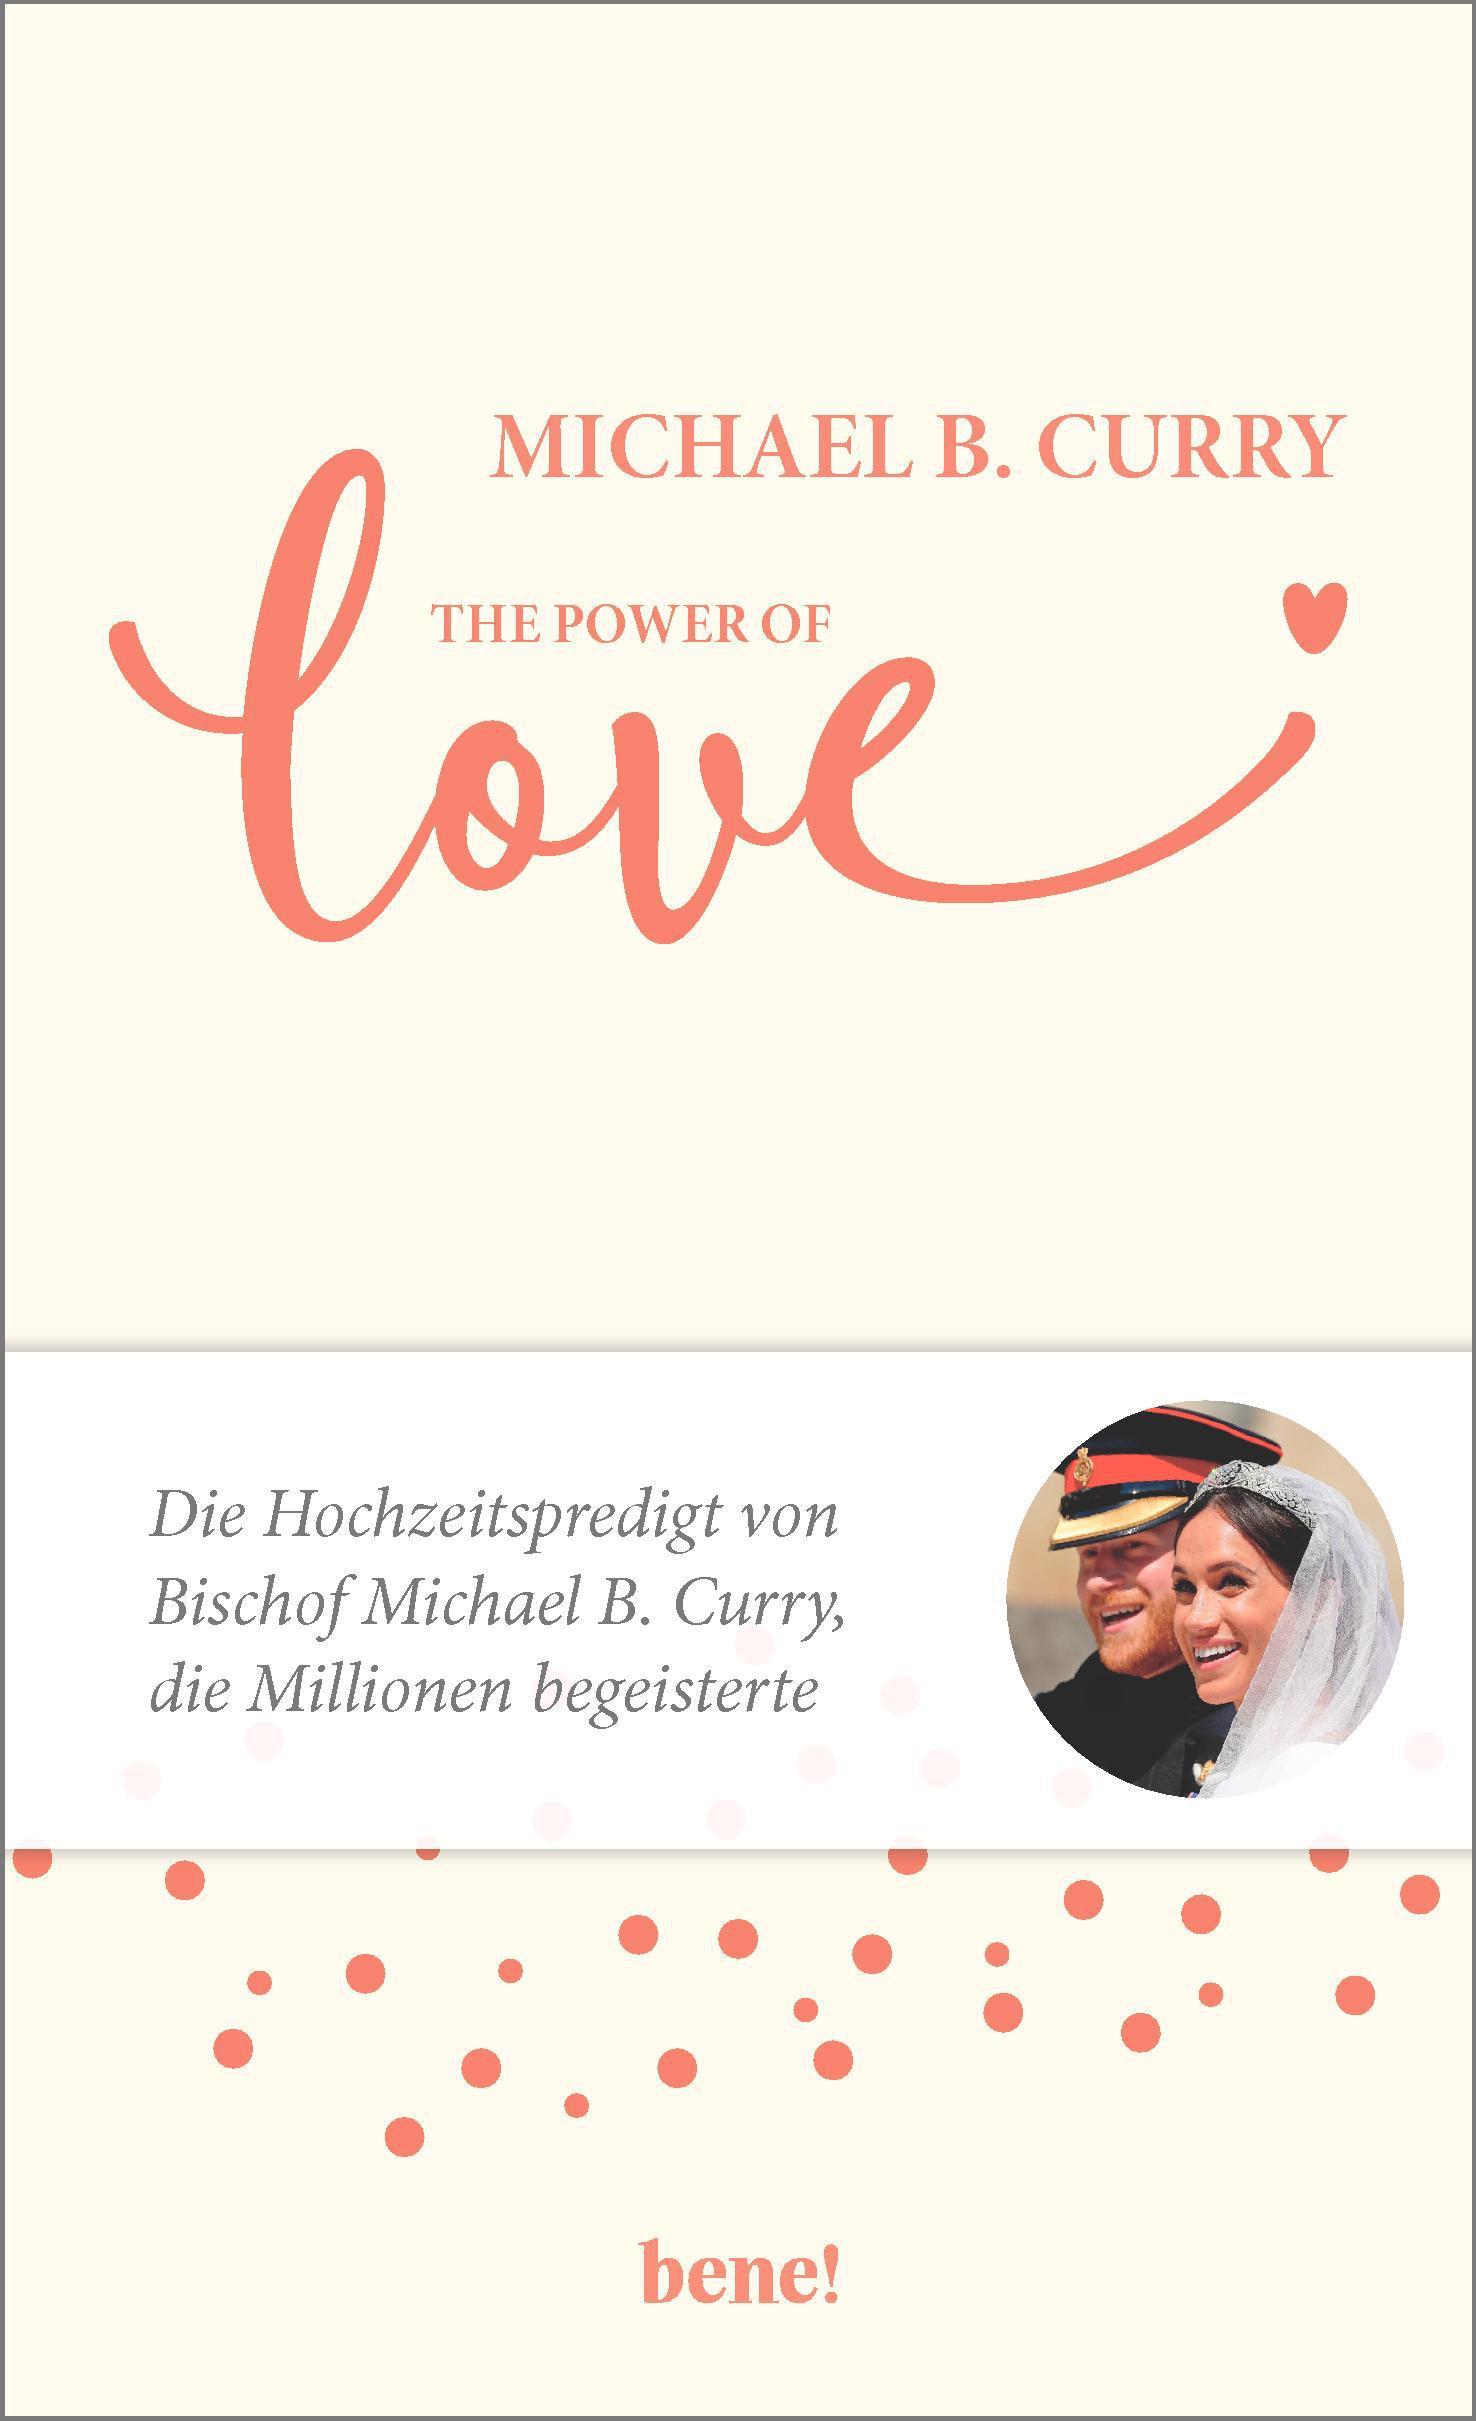 """""""The Power of Love –  Die Hochzeitspredigt von Bischof Michael B. Curry, die Millionen begeisterte """", Michael B. Curry,  bene! , 10 Euro,  Affiliate-Link zu Amazon   ©PR"""